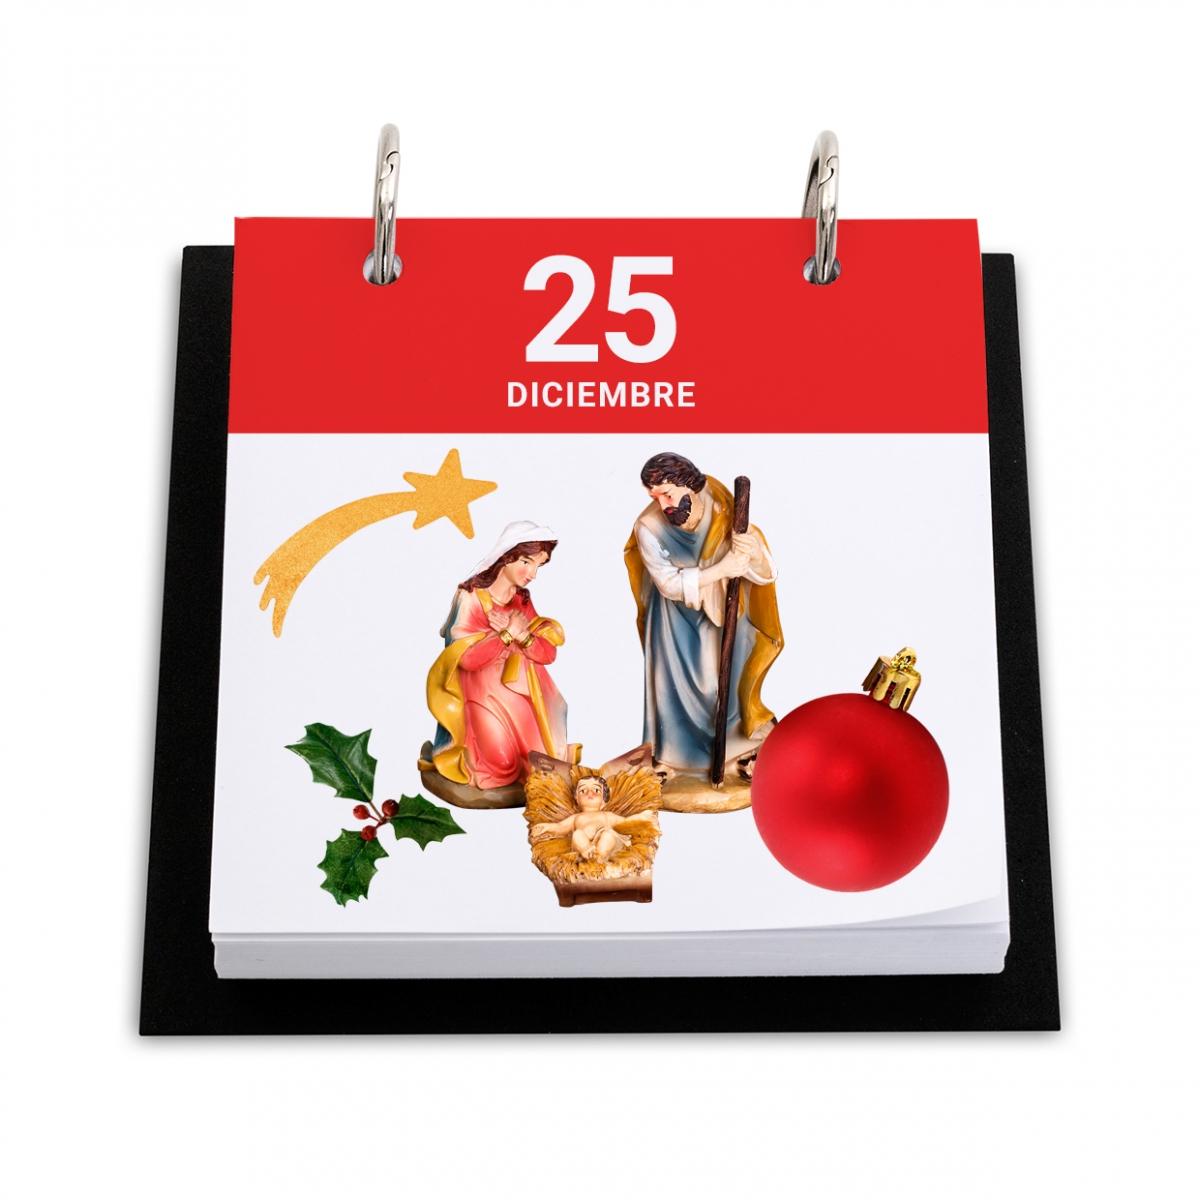 Imagen en la que se ve un calendario con el día de Navidad